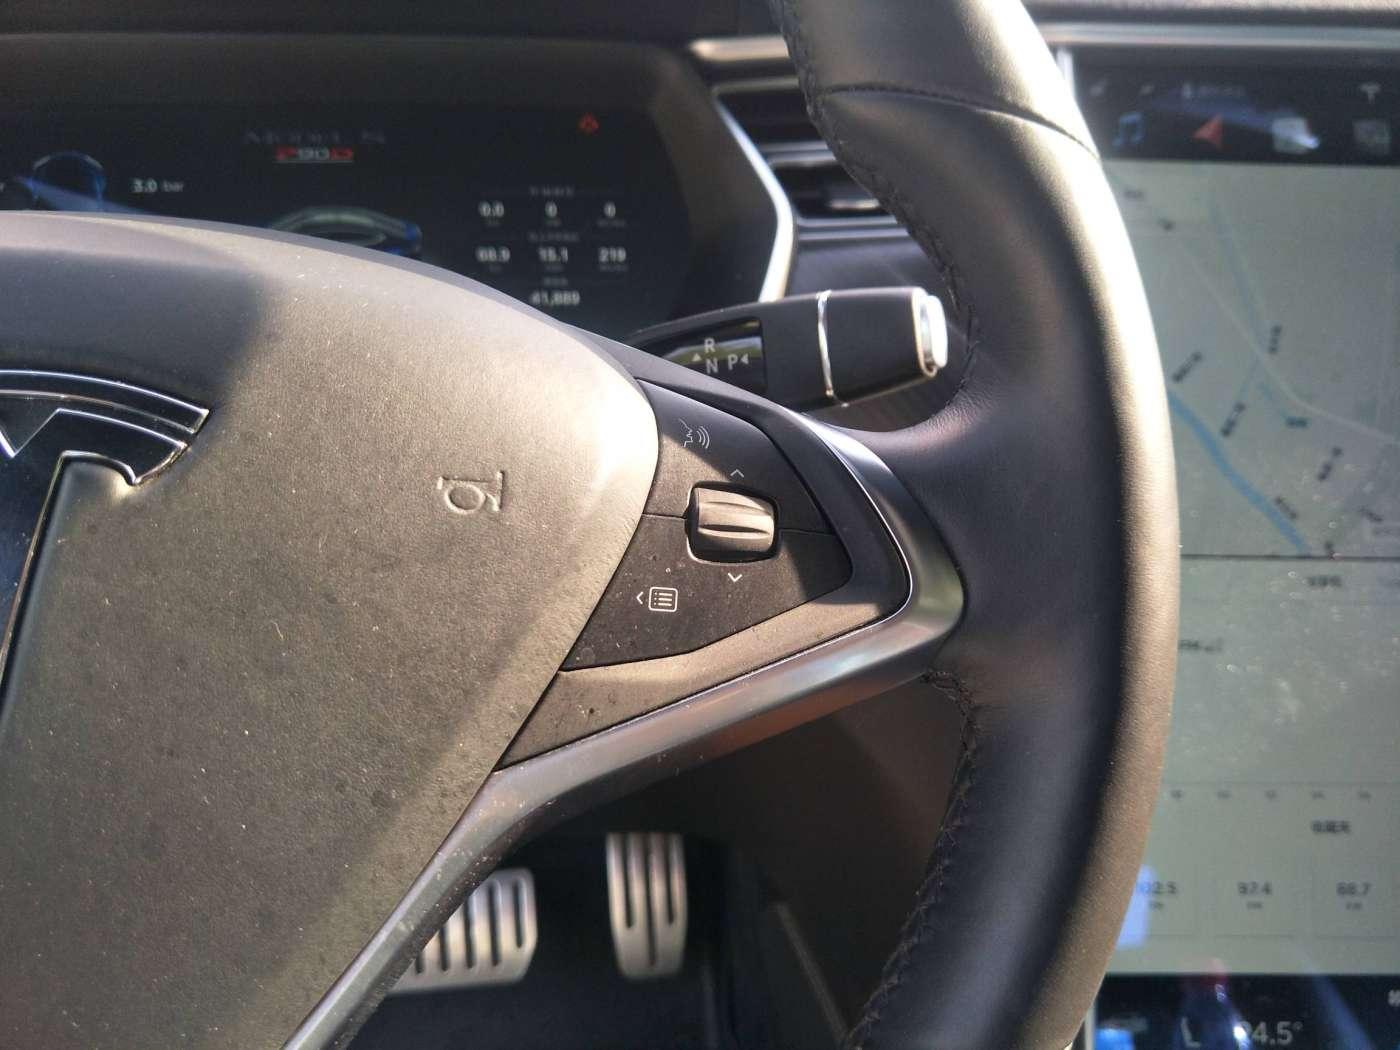 2016年01月 特斯拉 2015款 MODEL S P90D |甄选易手车-北京卡斯基汽车服务有限公司